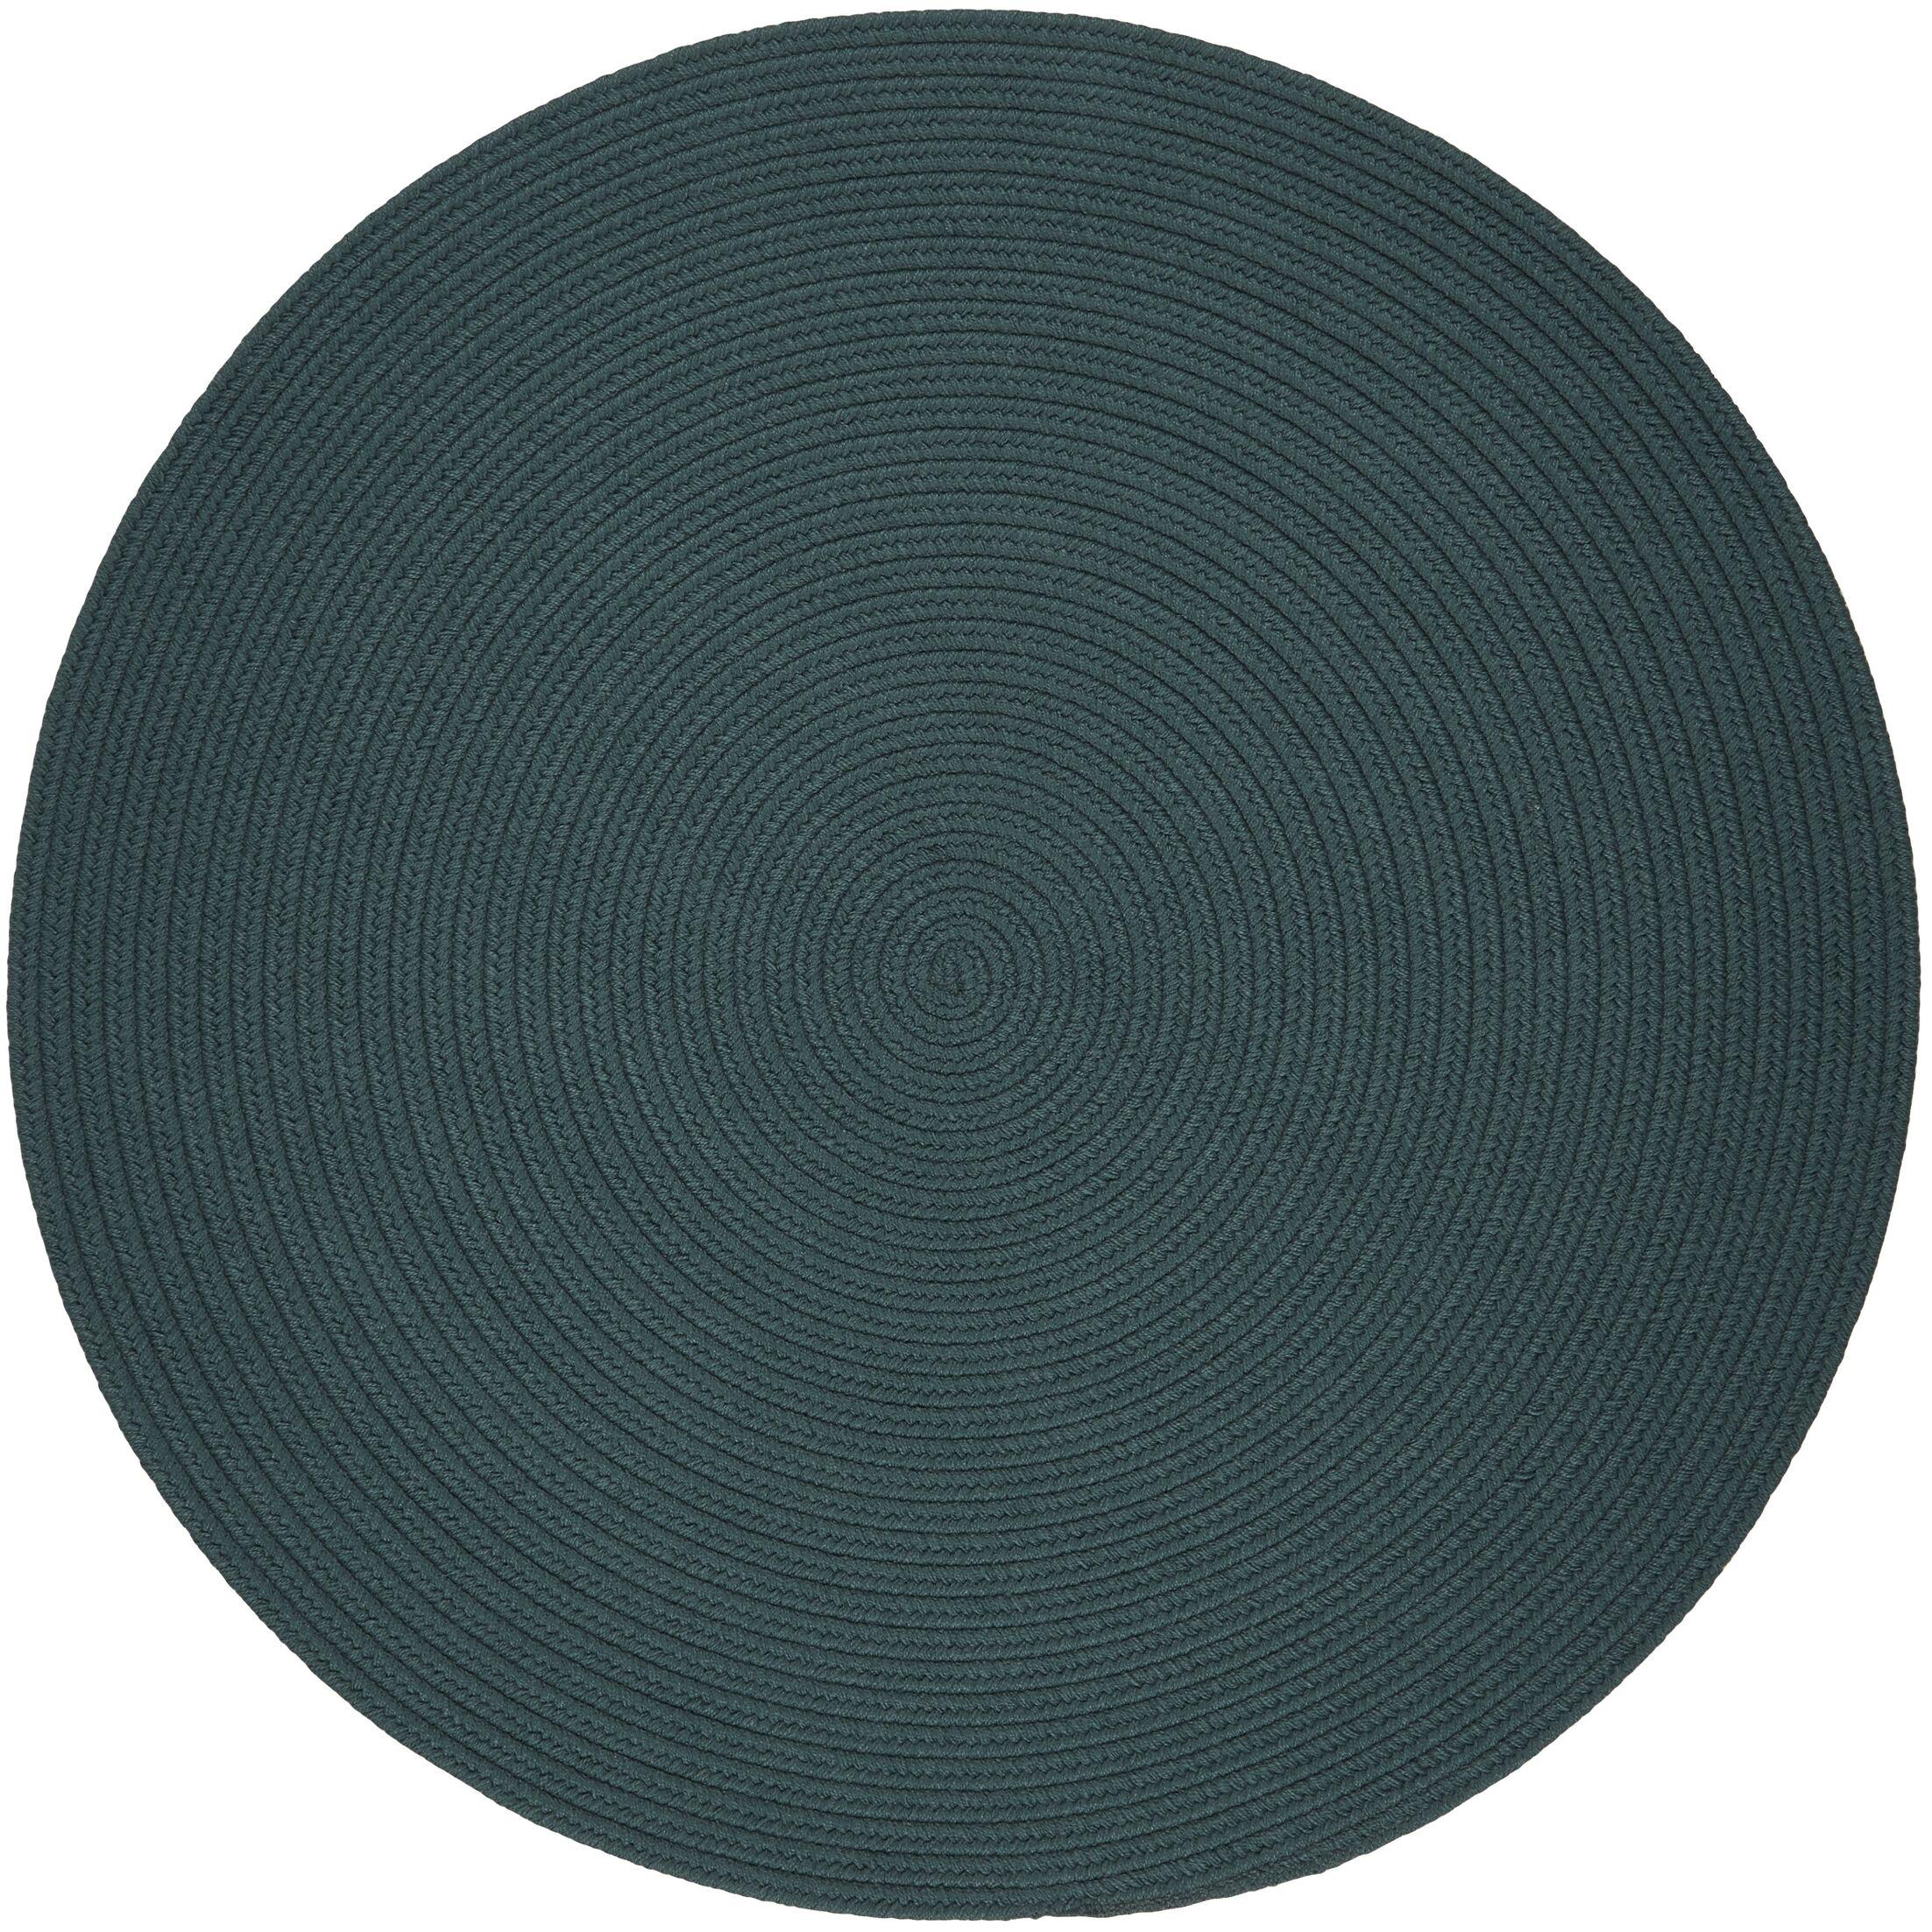 Handmade Teal Indoor/Outdoor Area Rug Rug Size: Round 4'